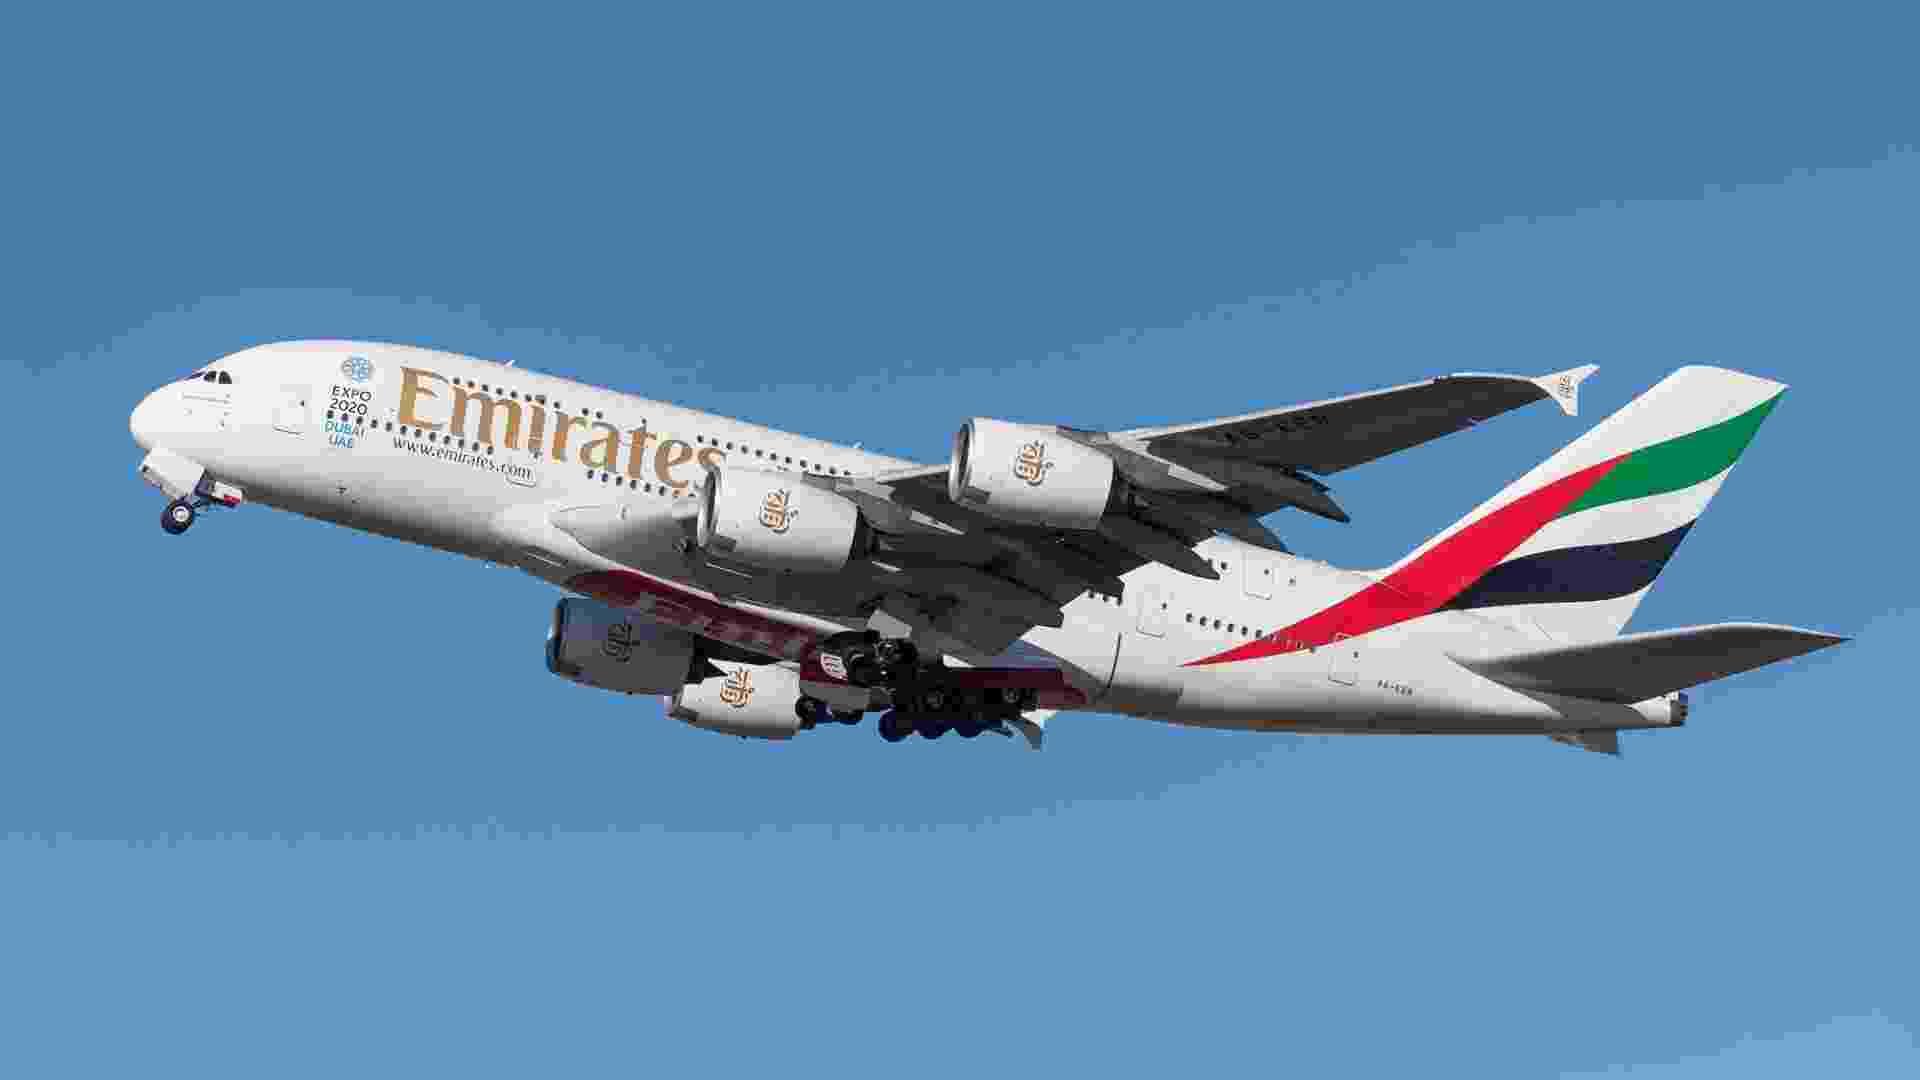 Para chegar a Dubai, o adolescente invadiu um avião da companhia Emirates - Julian Herzog/Creative Commons